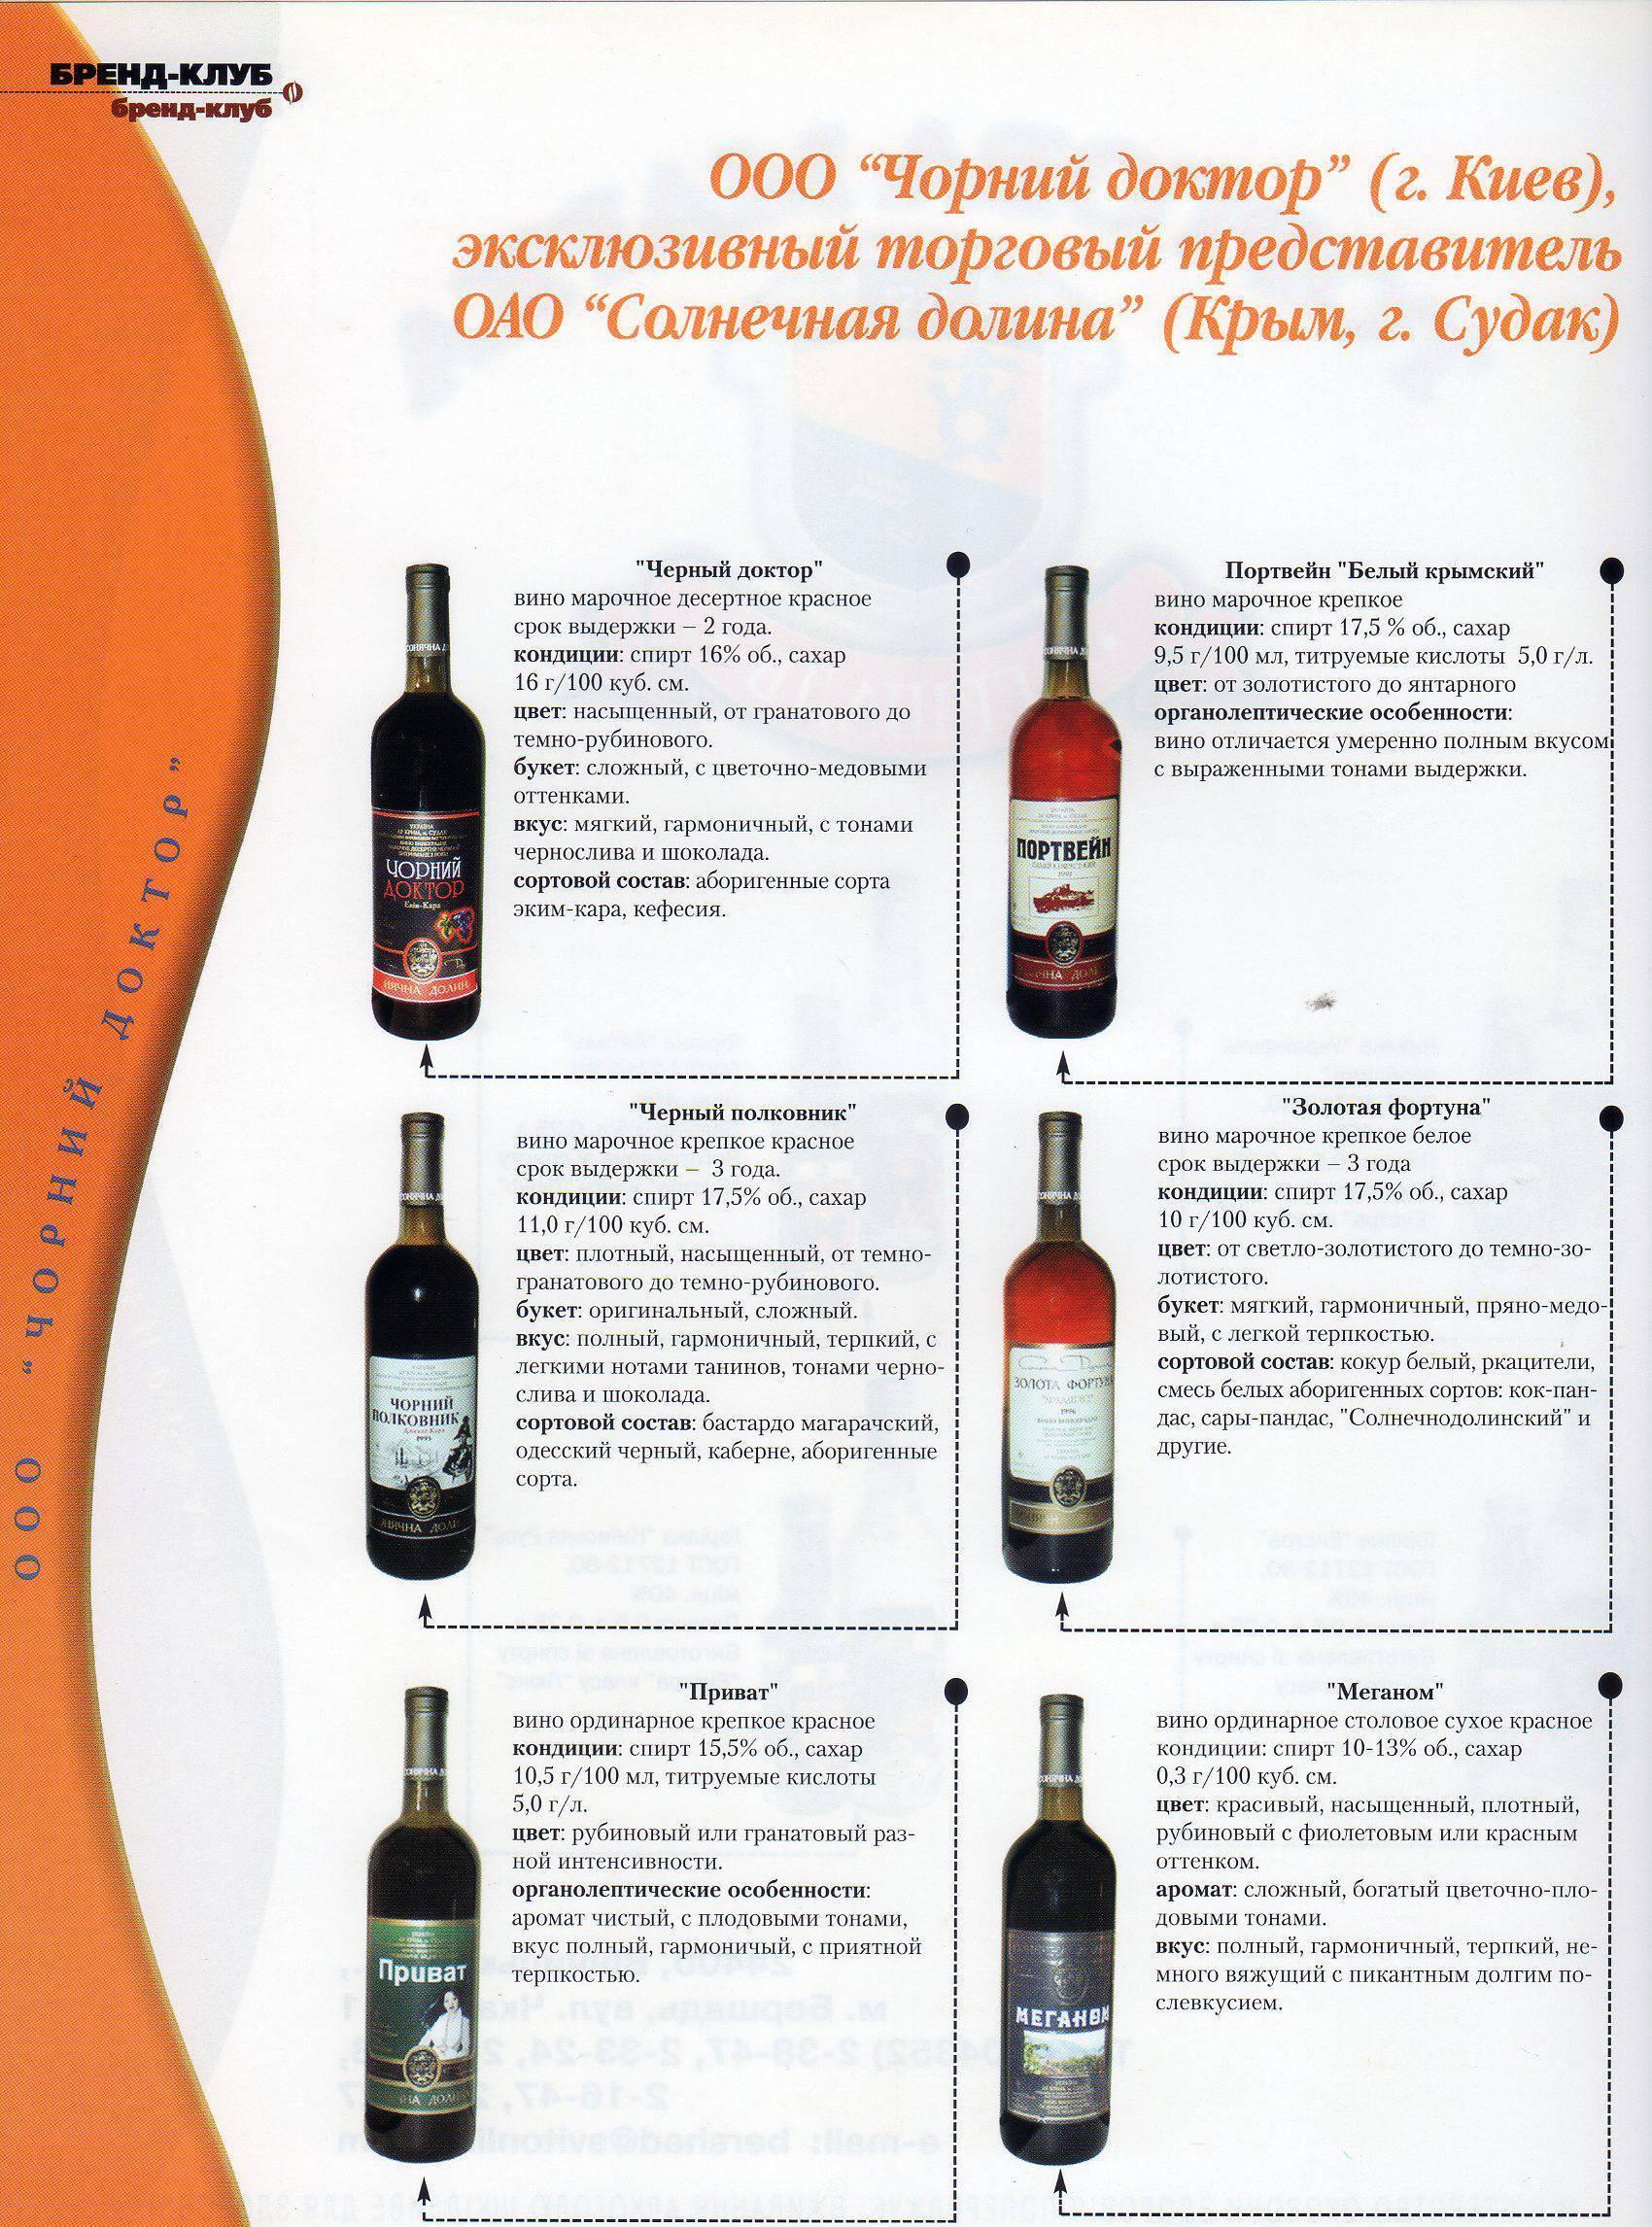 Марочное вино: что это + короткая справка по странам и маркам